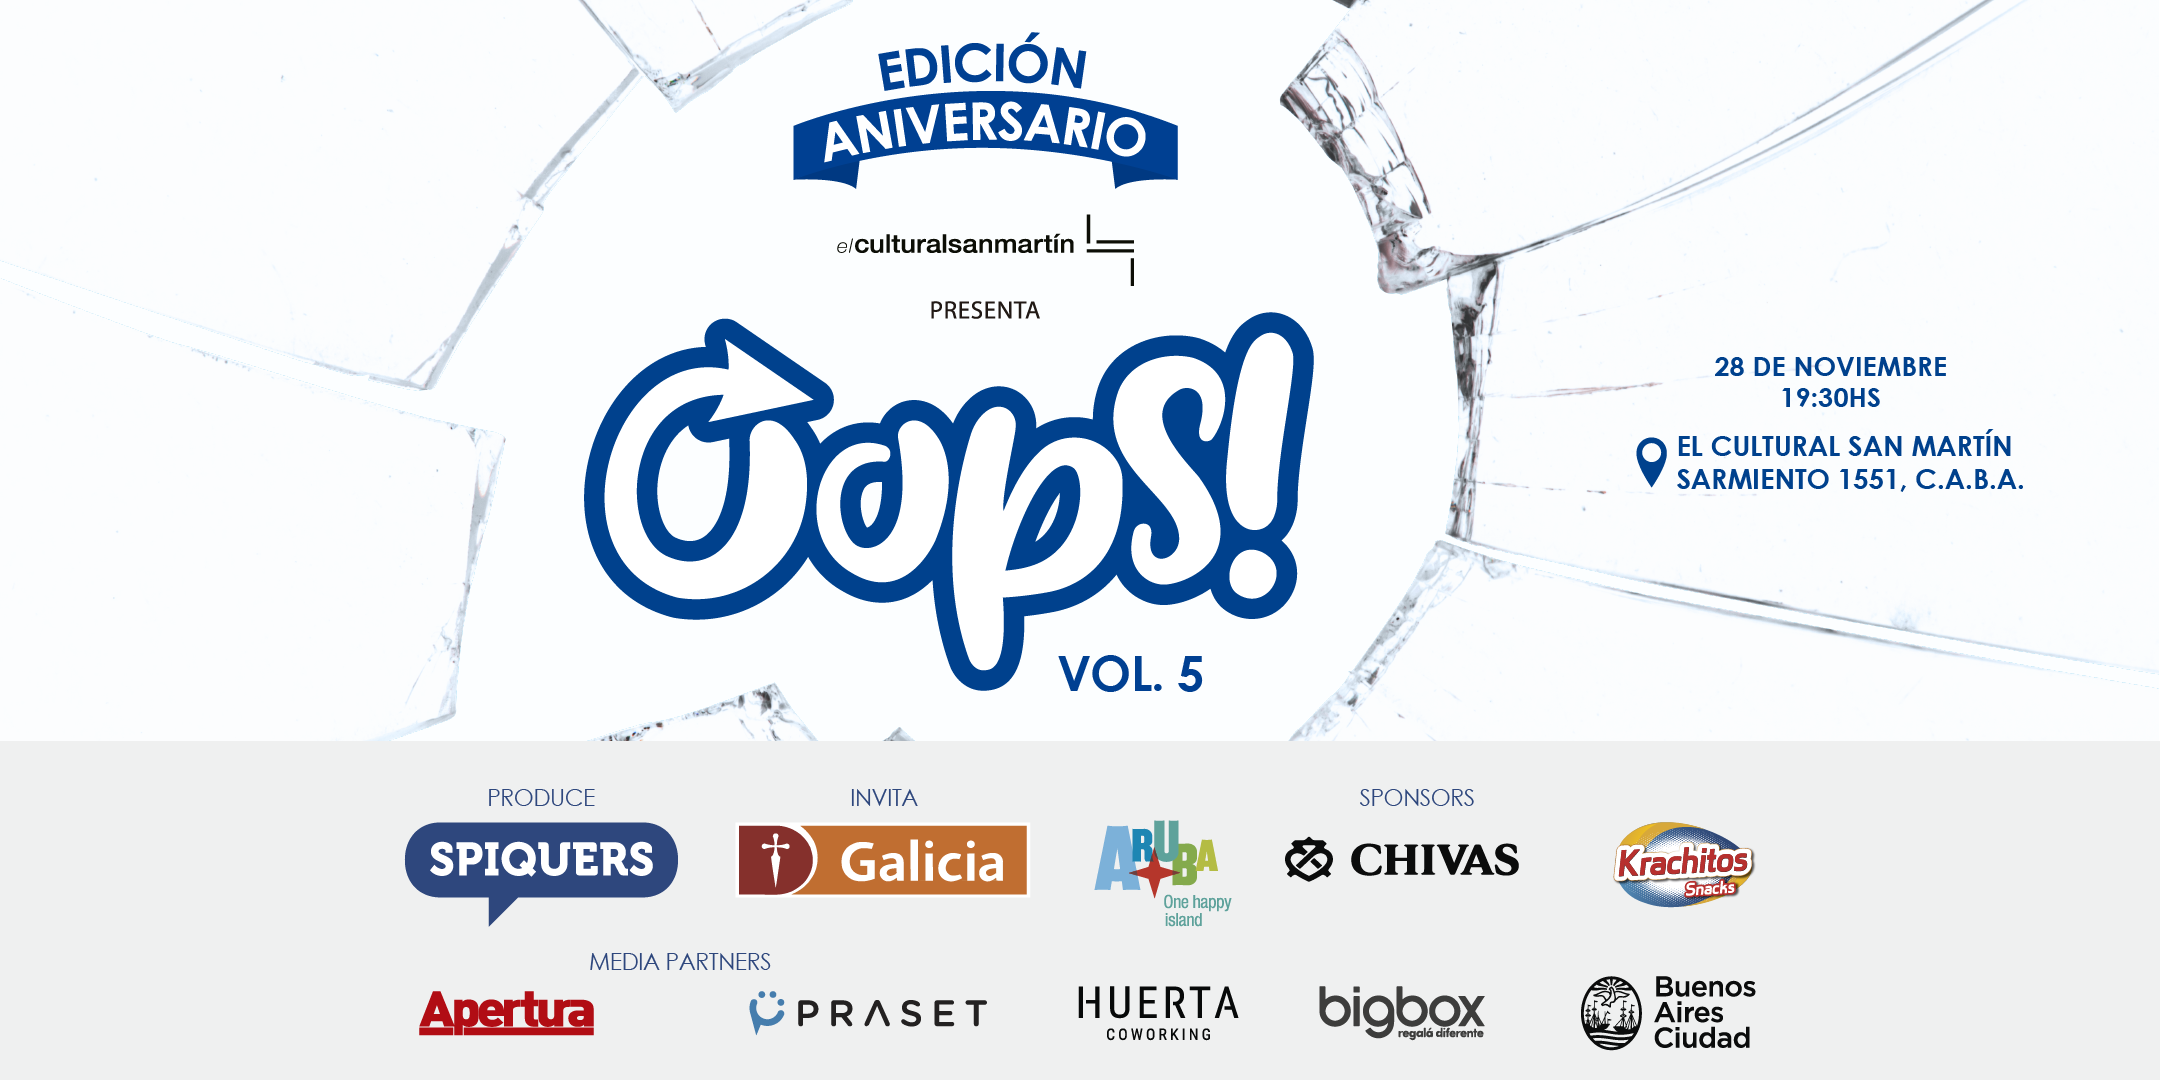 OOPS! Edición Aniversario